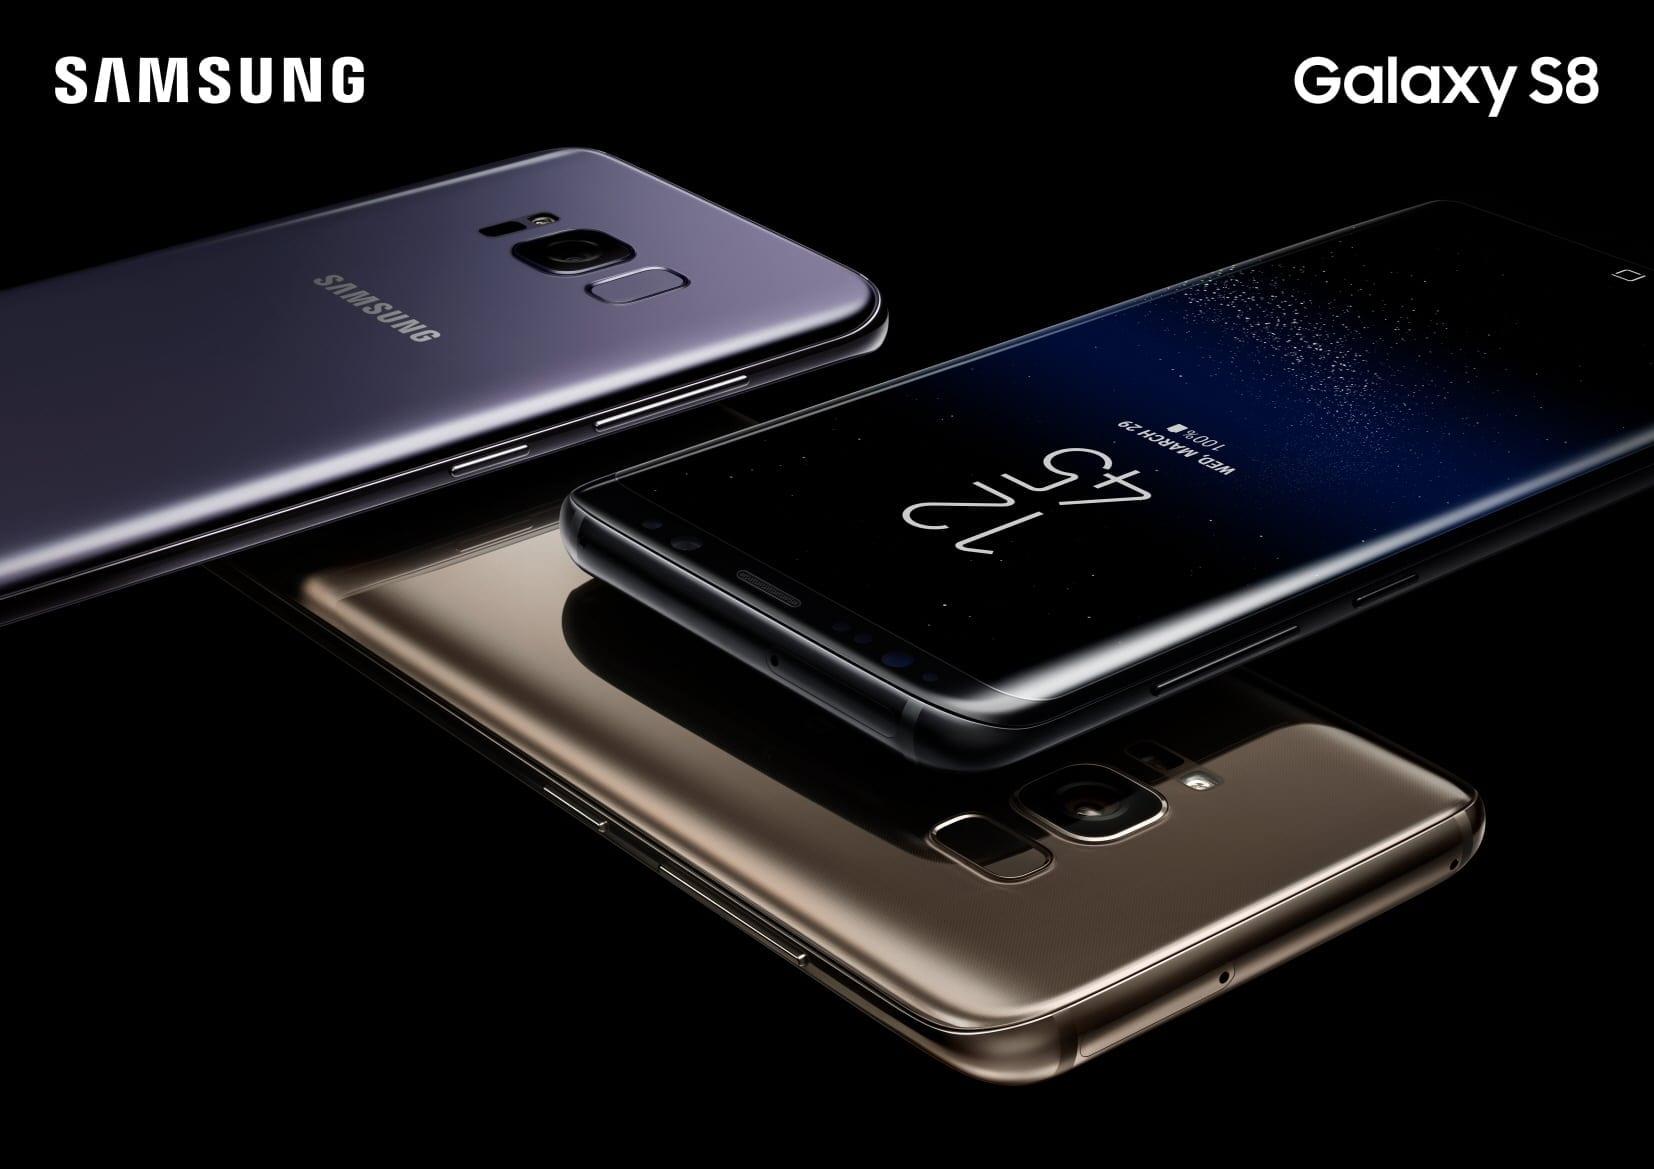 Samsung Galaxy S8 și Galaxy S8+ disponibile de astăzi în magazine